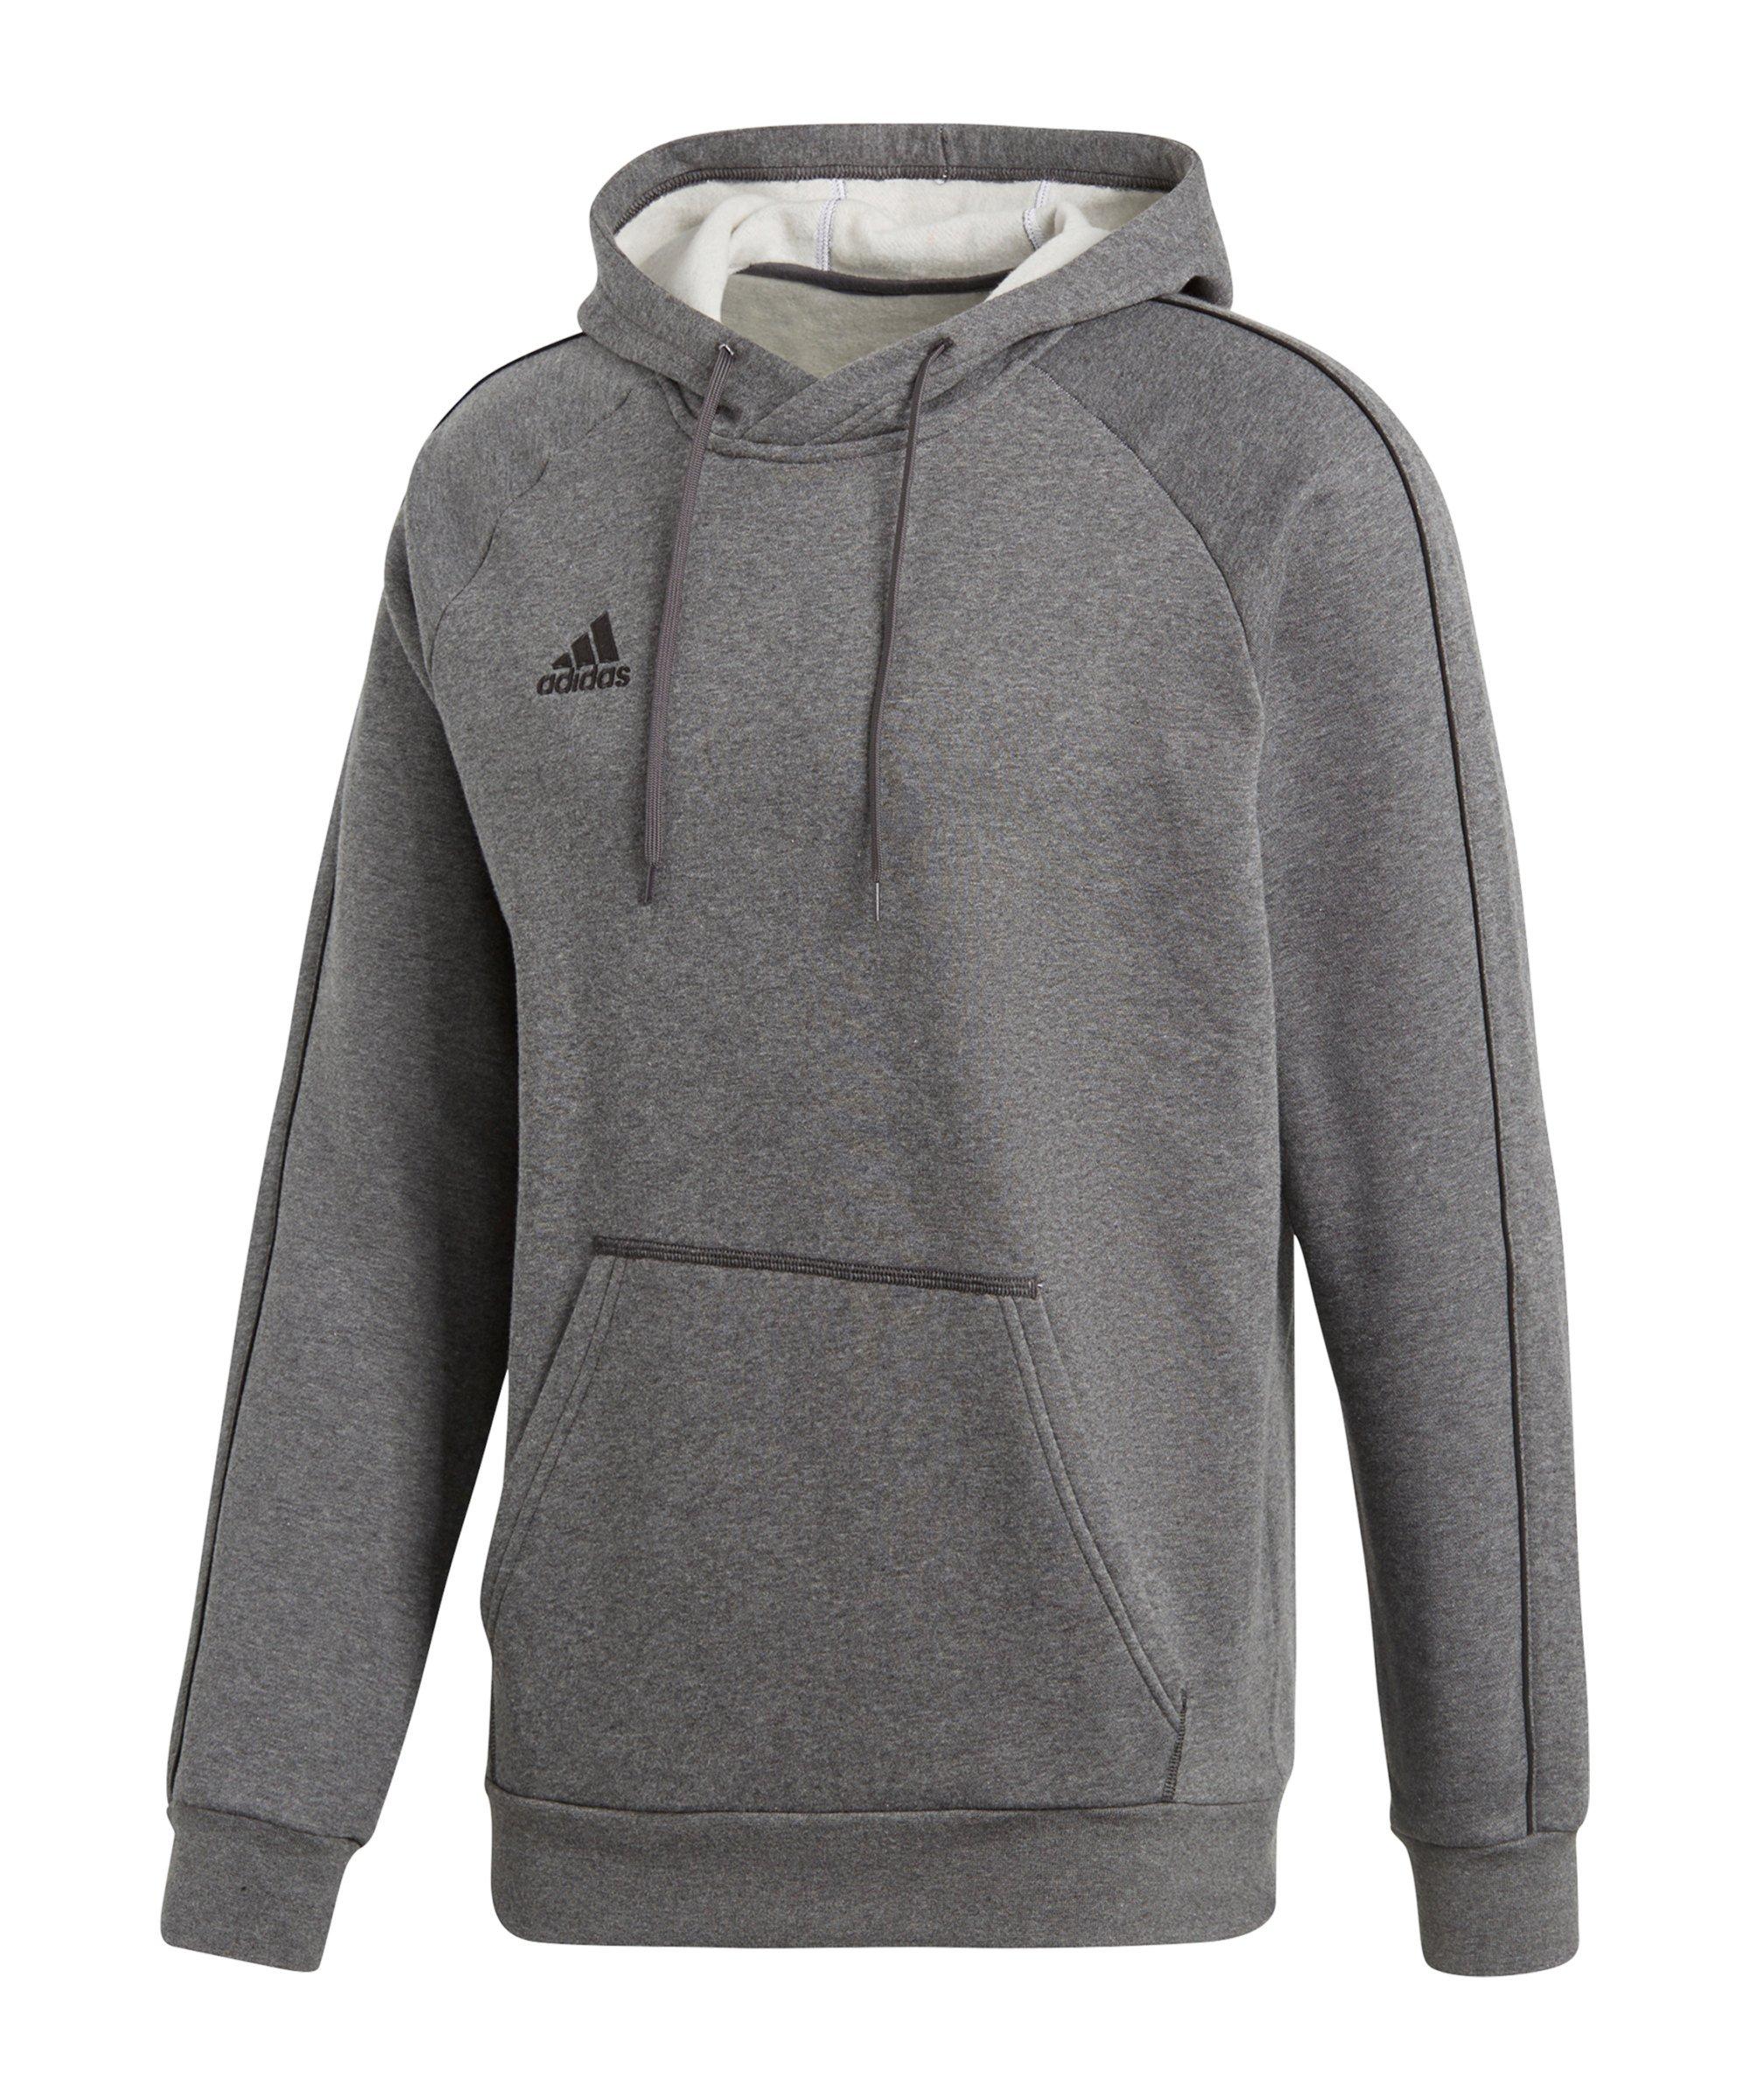 adidas Core 18 Sweat Top grau schwarz 2xl günstig kaufen | eBay